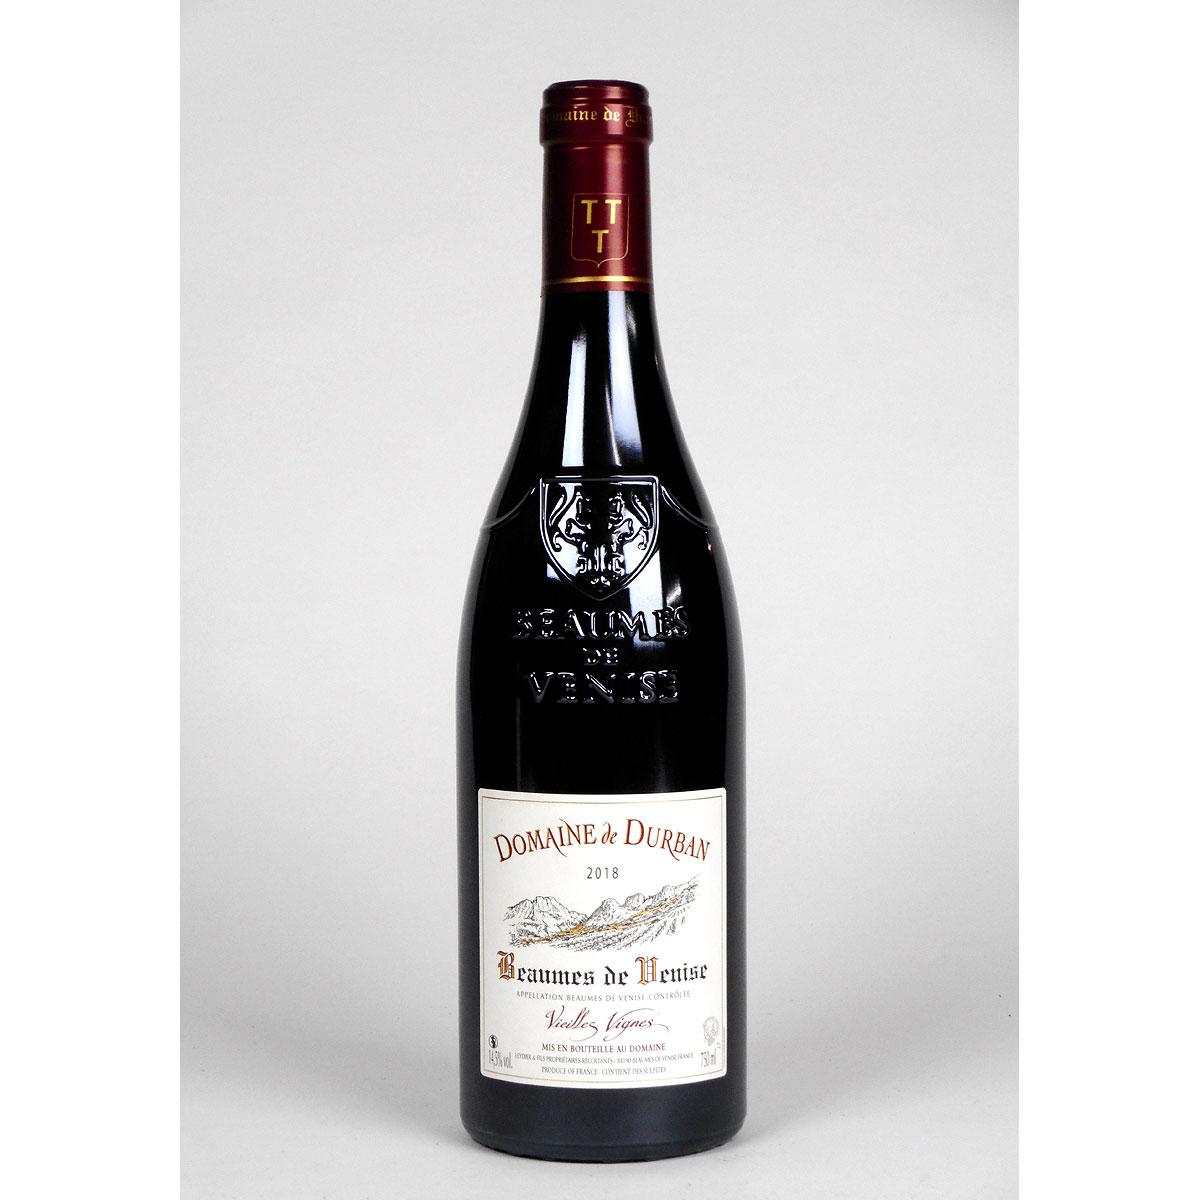 Beaumes de Venise: Domaine de Durban 'Vielles Vignes' 2018 - Bottle